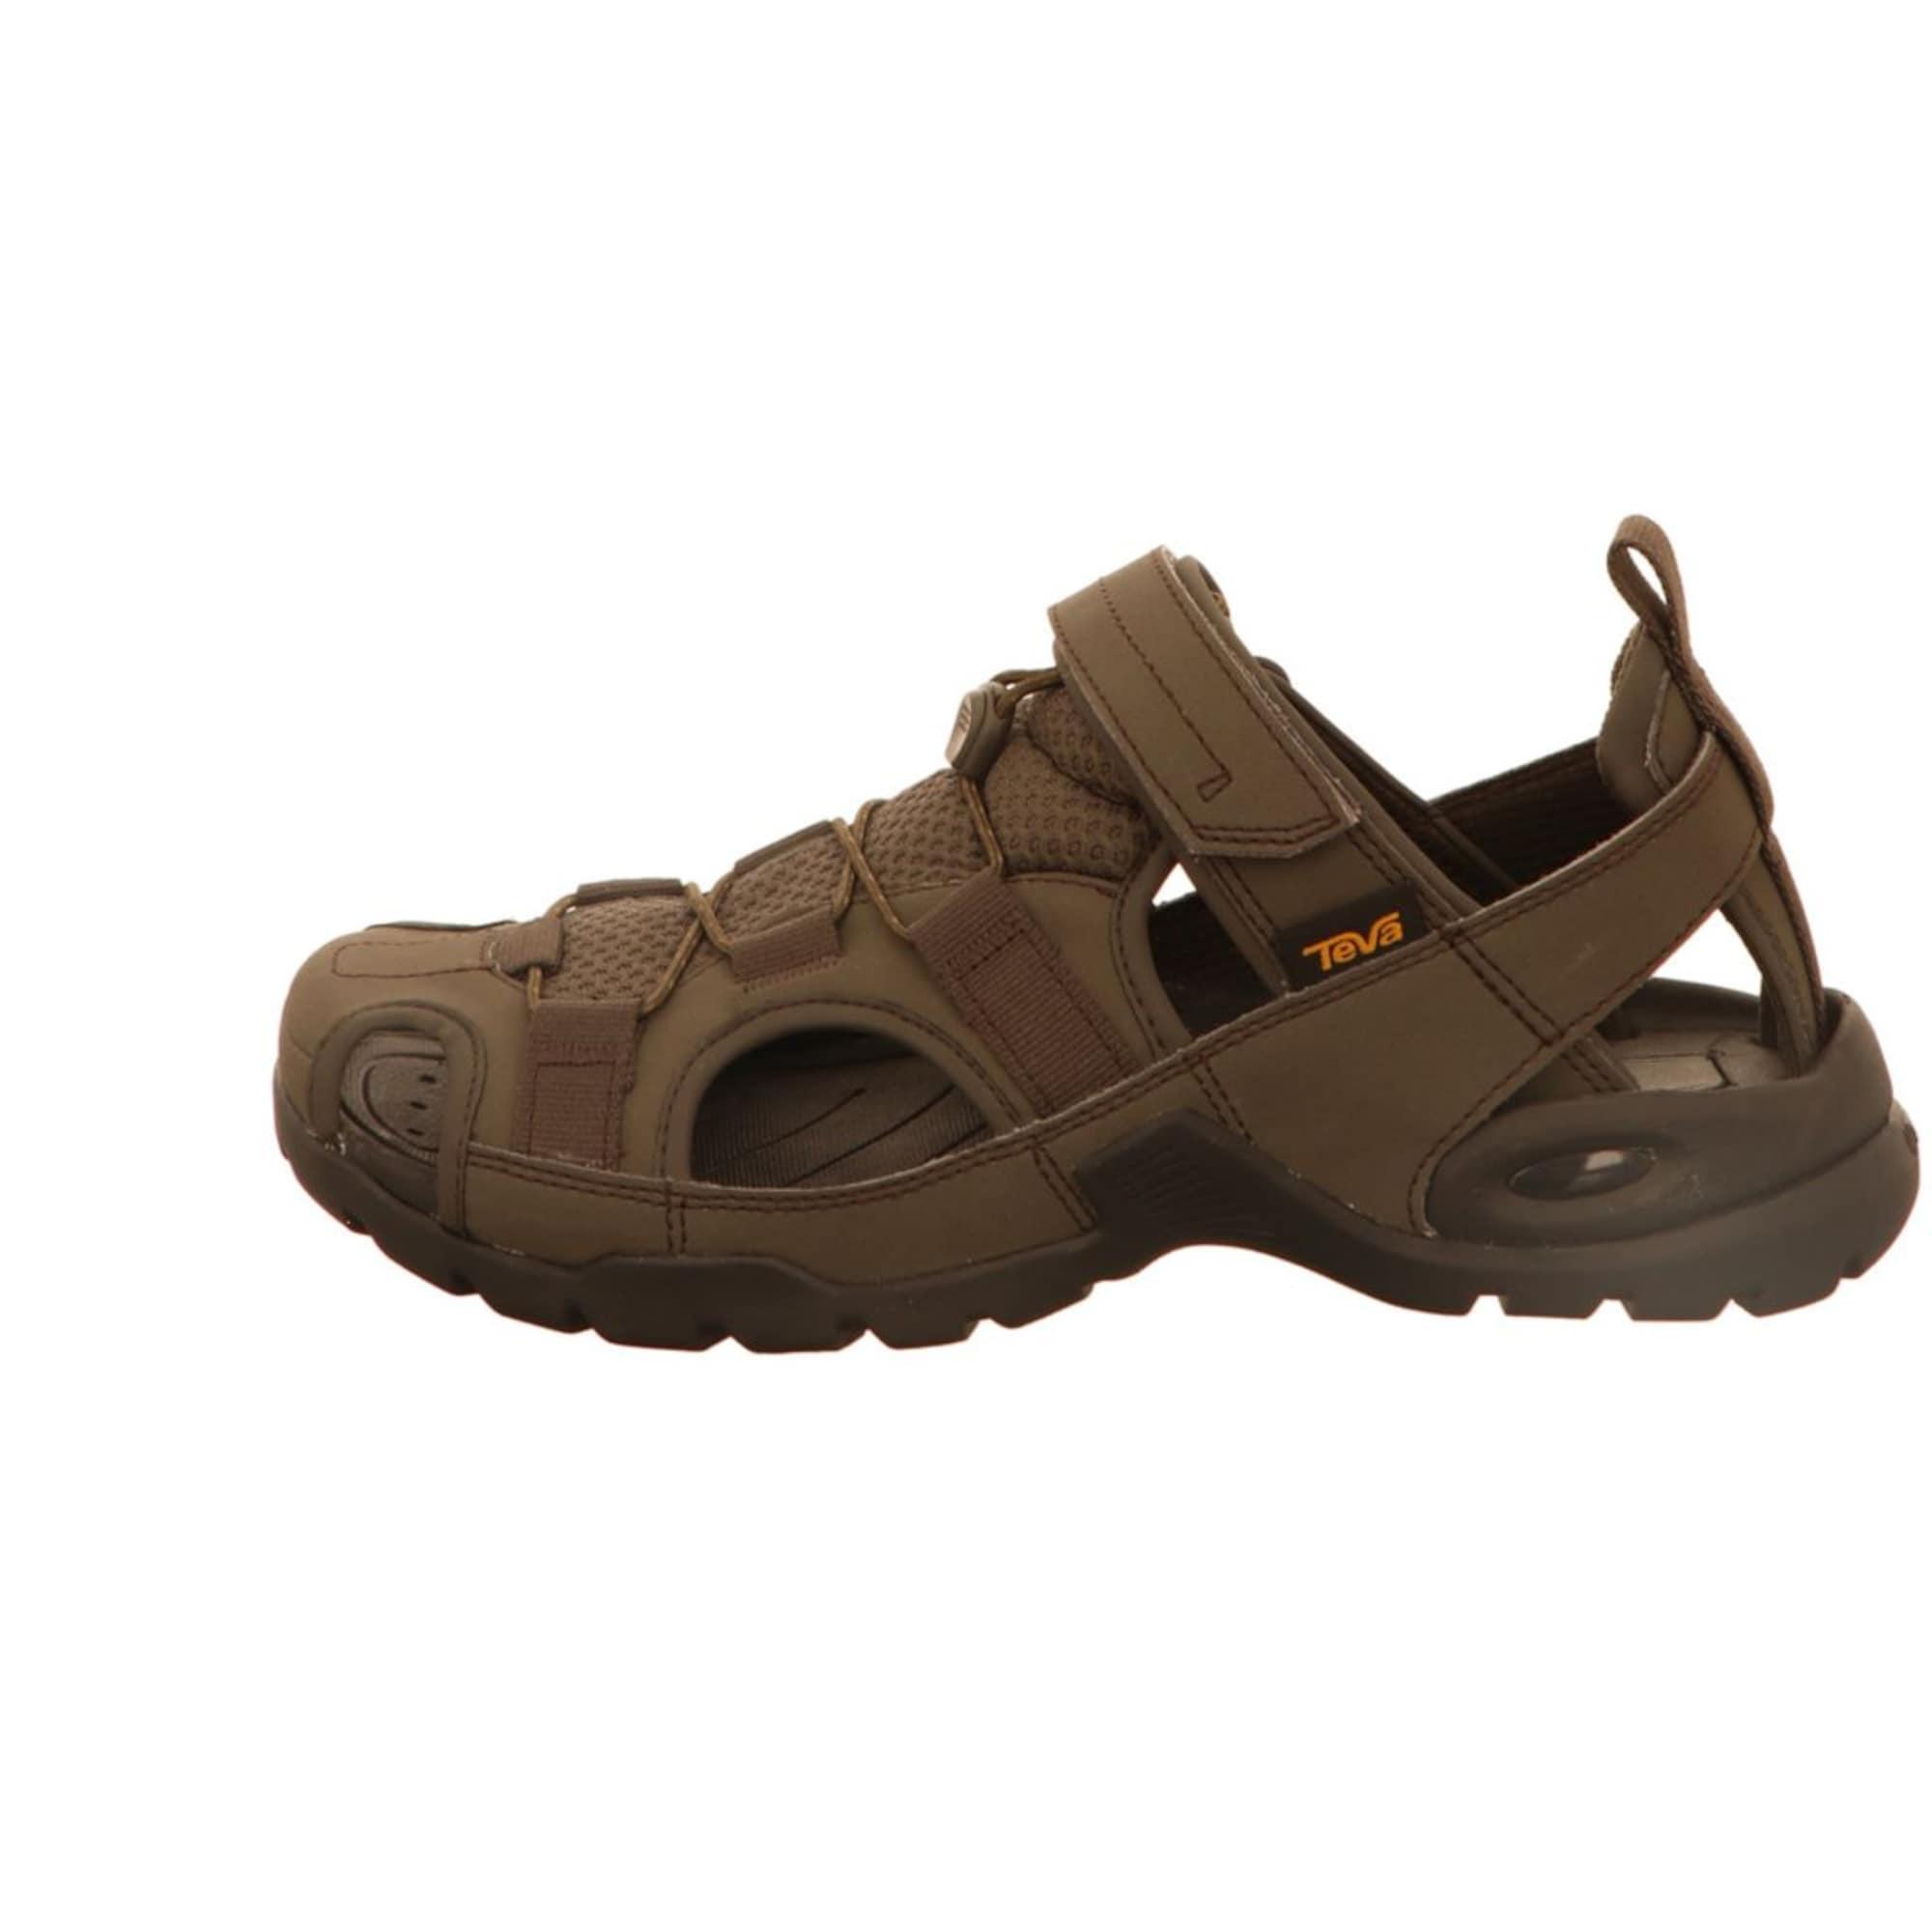 Sandale | Schuhe > Sandalen & Zehentrenner > Sandalen | Teva